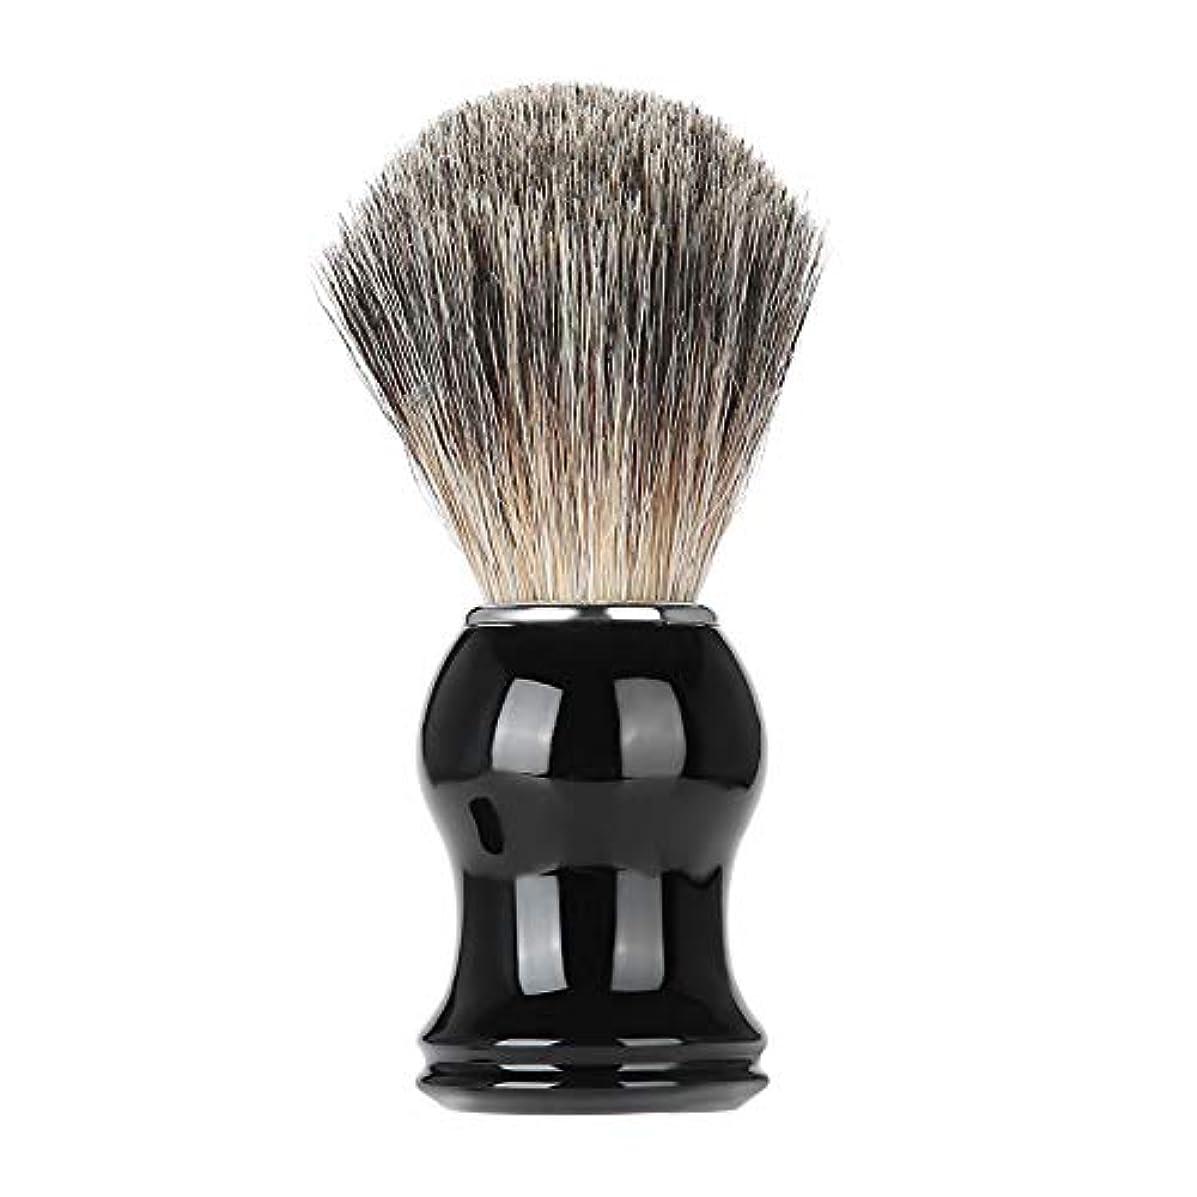 懲戒私達世界的にNitrip シェービングブラシ ひげブラシ ひげケア アナグマ毛 理容 洗顔 髭剃り 泡立ち シェービング用アクセサリー 男性用 高級